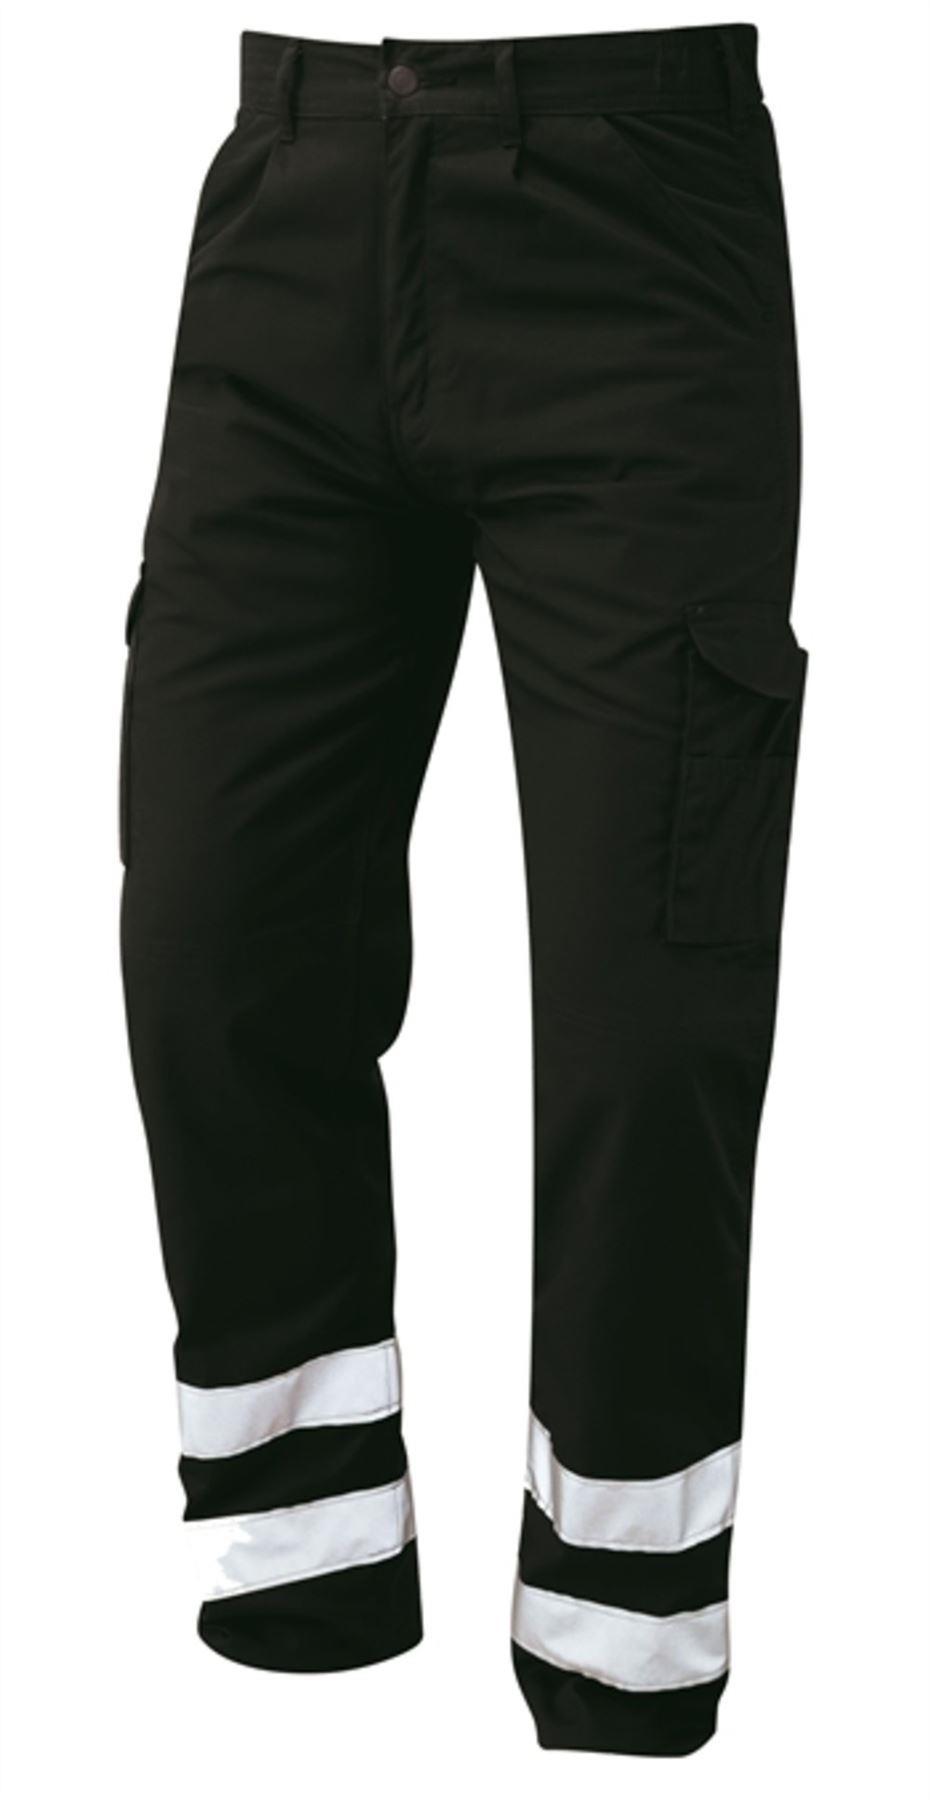 Orn Condor Hi Vis Kneepad Trousers - Black|46W29L